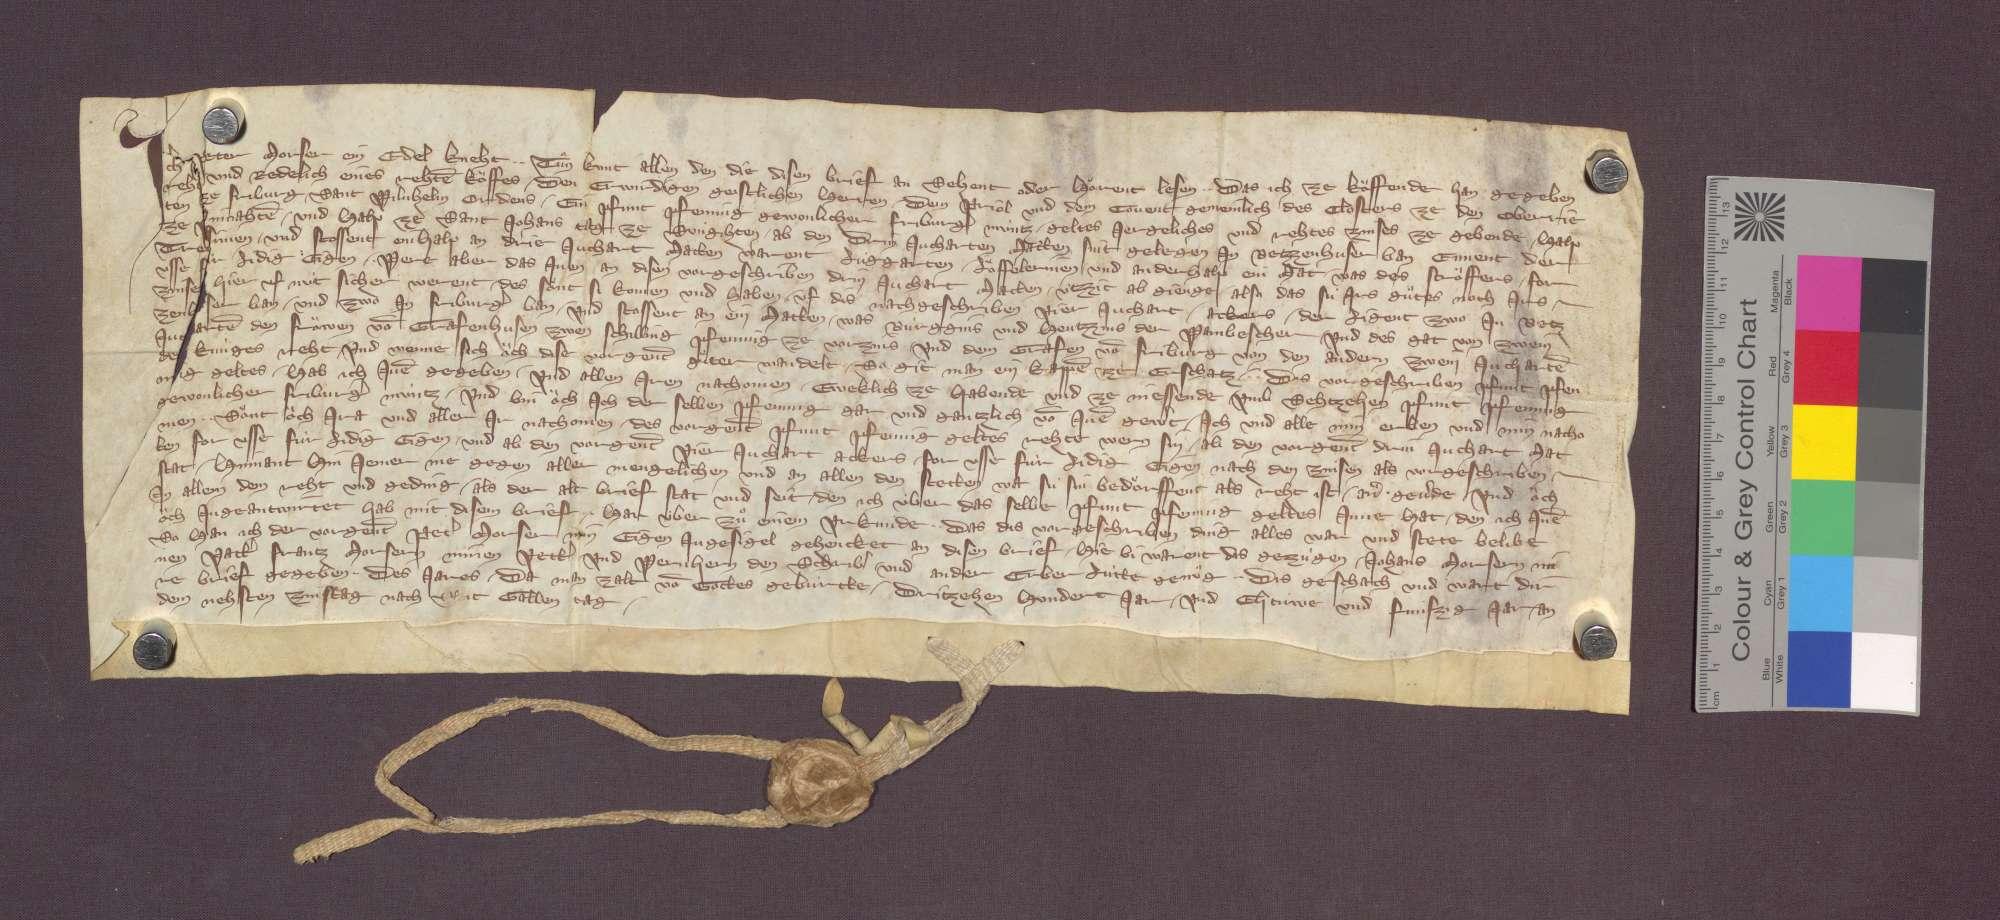 Peter Worser, Edelknecht, verkauft dem Kloster der Oberrieder zu Freiburg eine Gült von 1 Pfund Freiburger Pfennige von genannten 3 Juchert Äckern in Betzenhauser Bann um 16 Pfund Pfennige., Bild 1